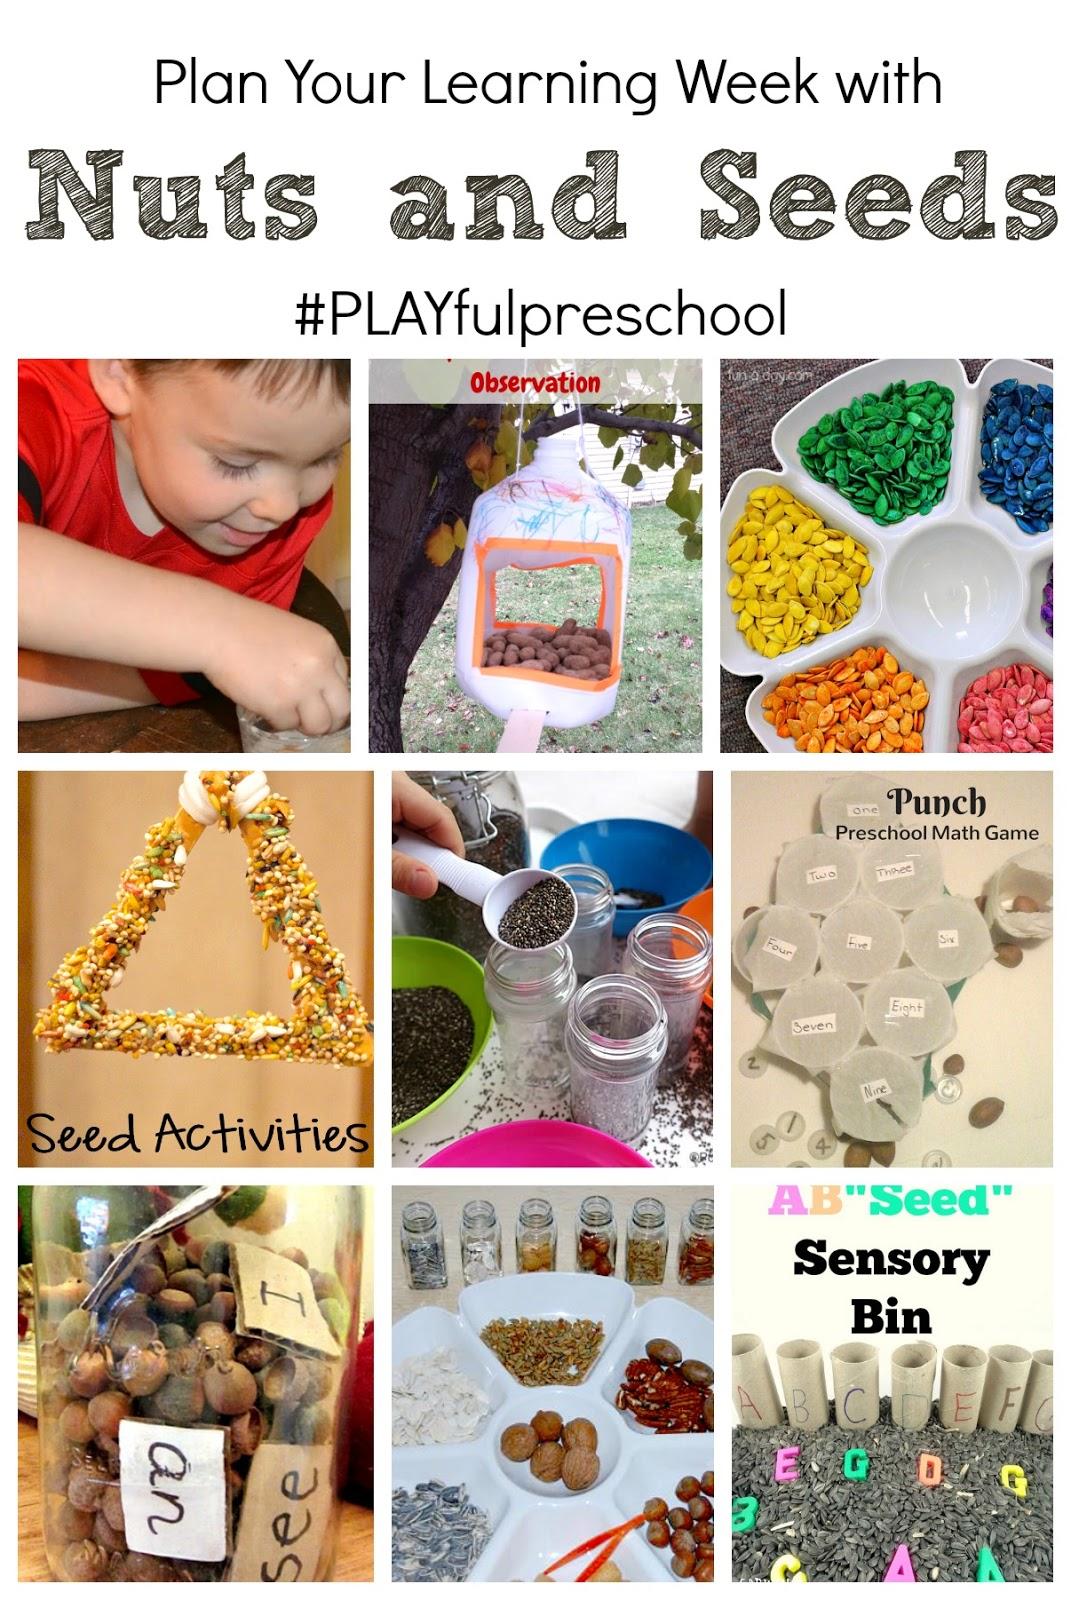 3 Fun Activities With Seeds For Preschoolers